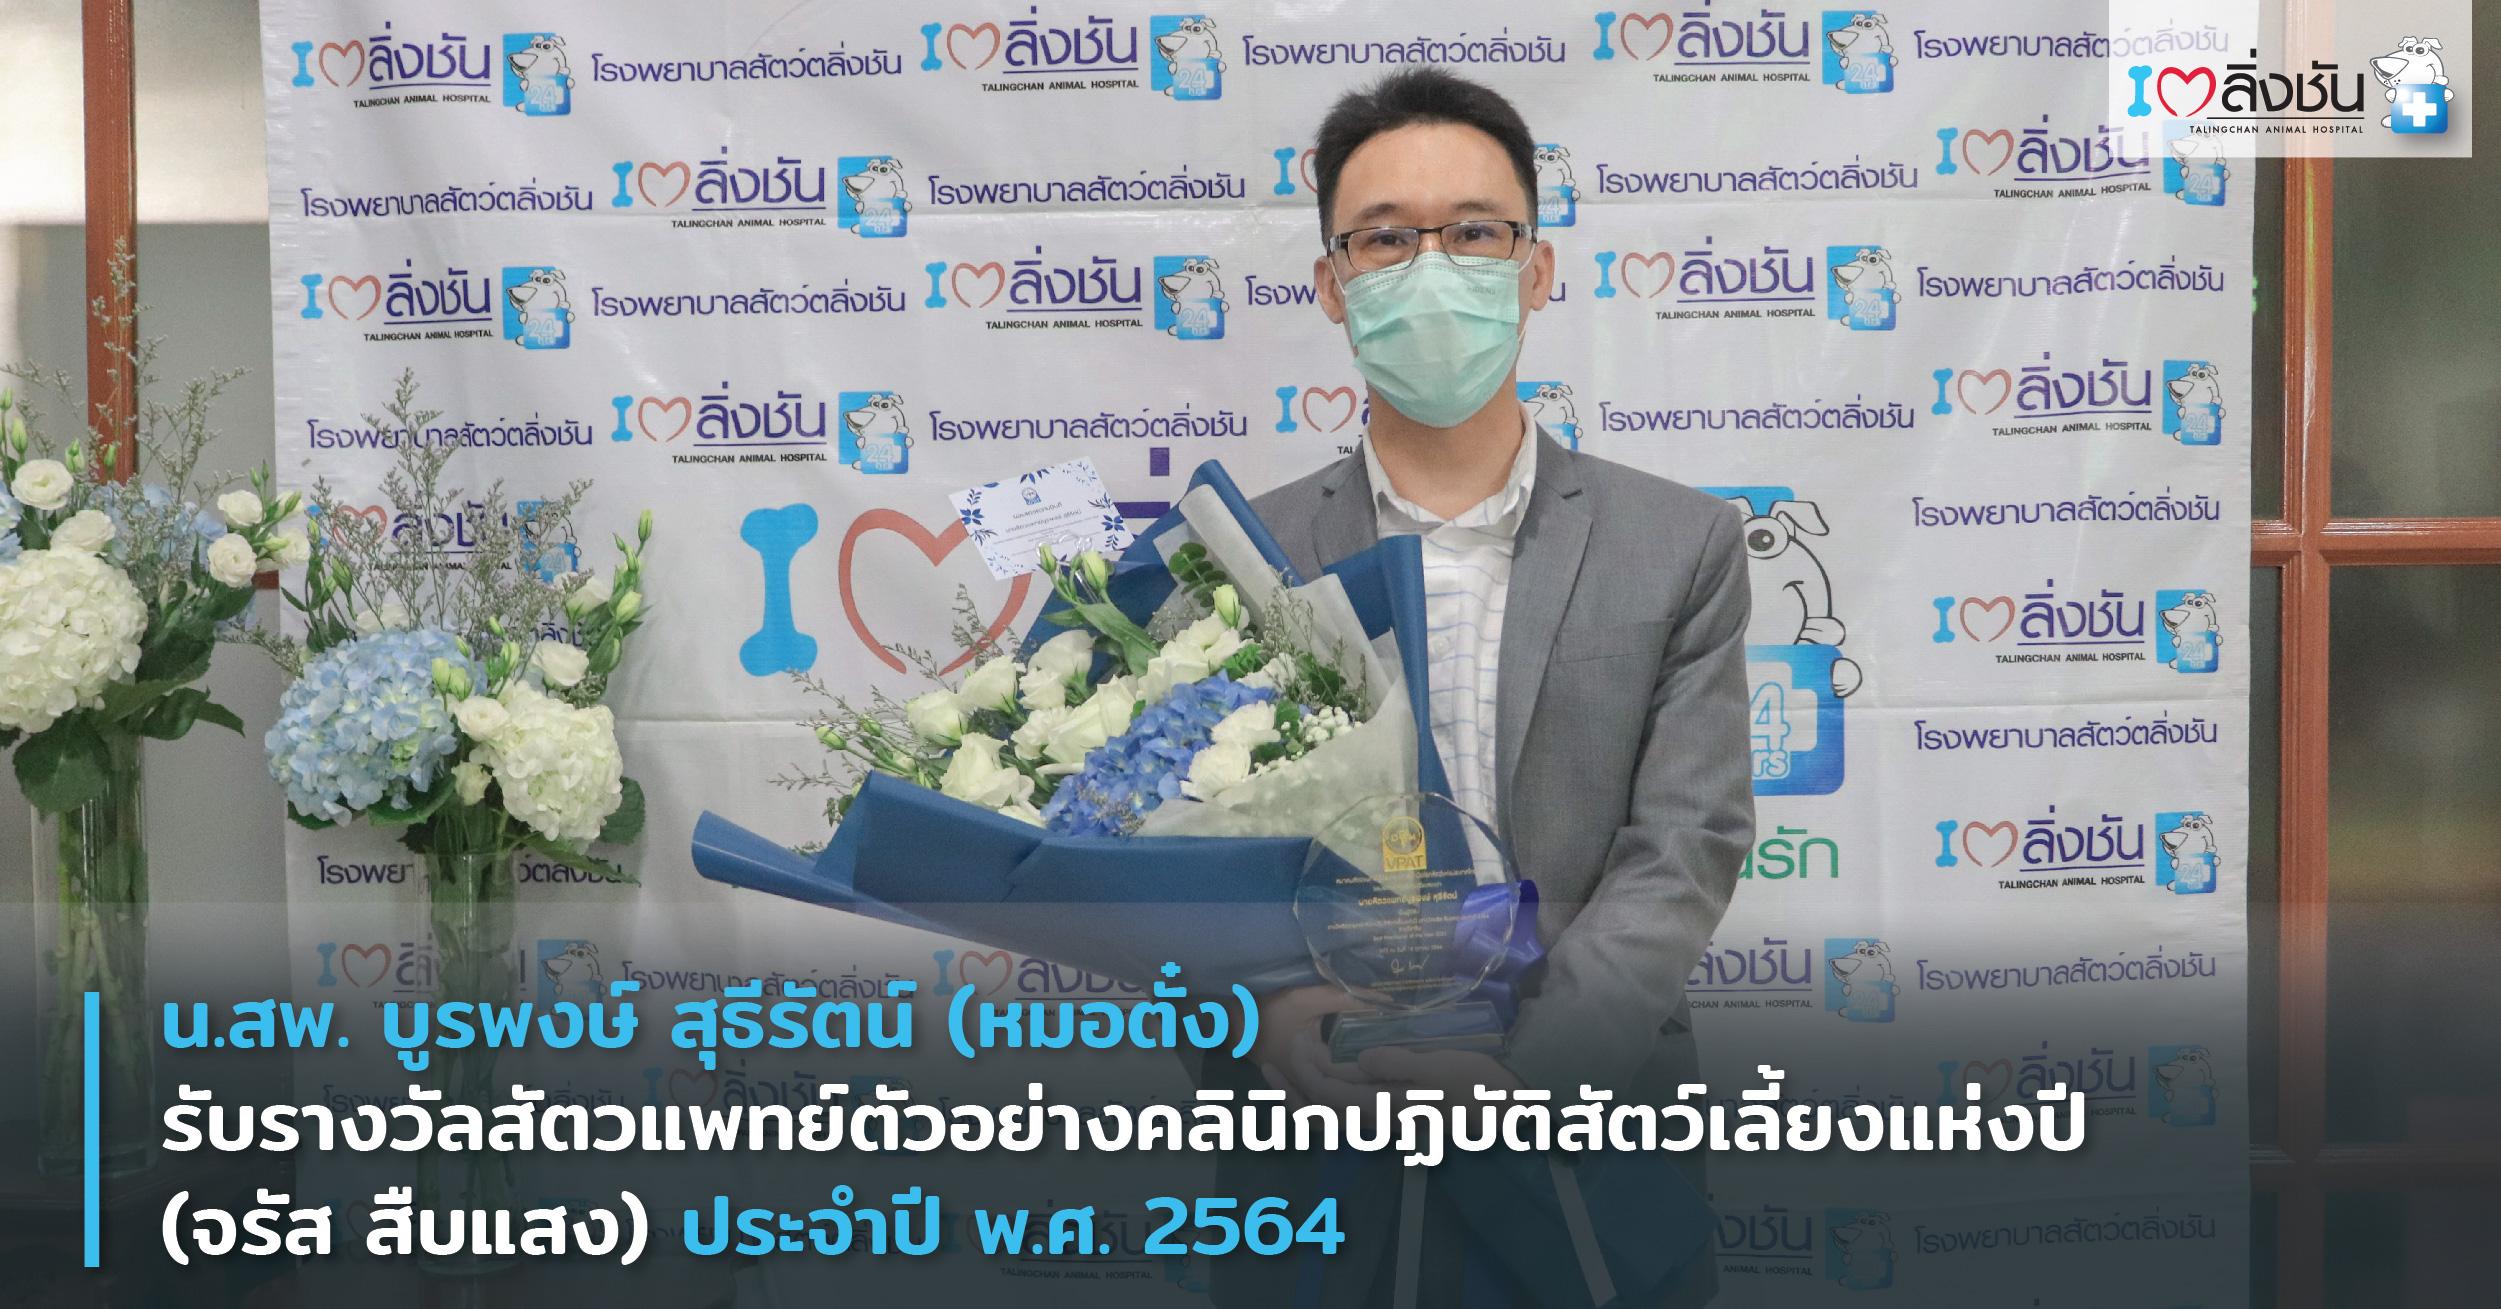 หมอรับรางวัล-02